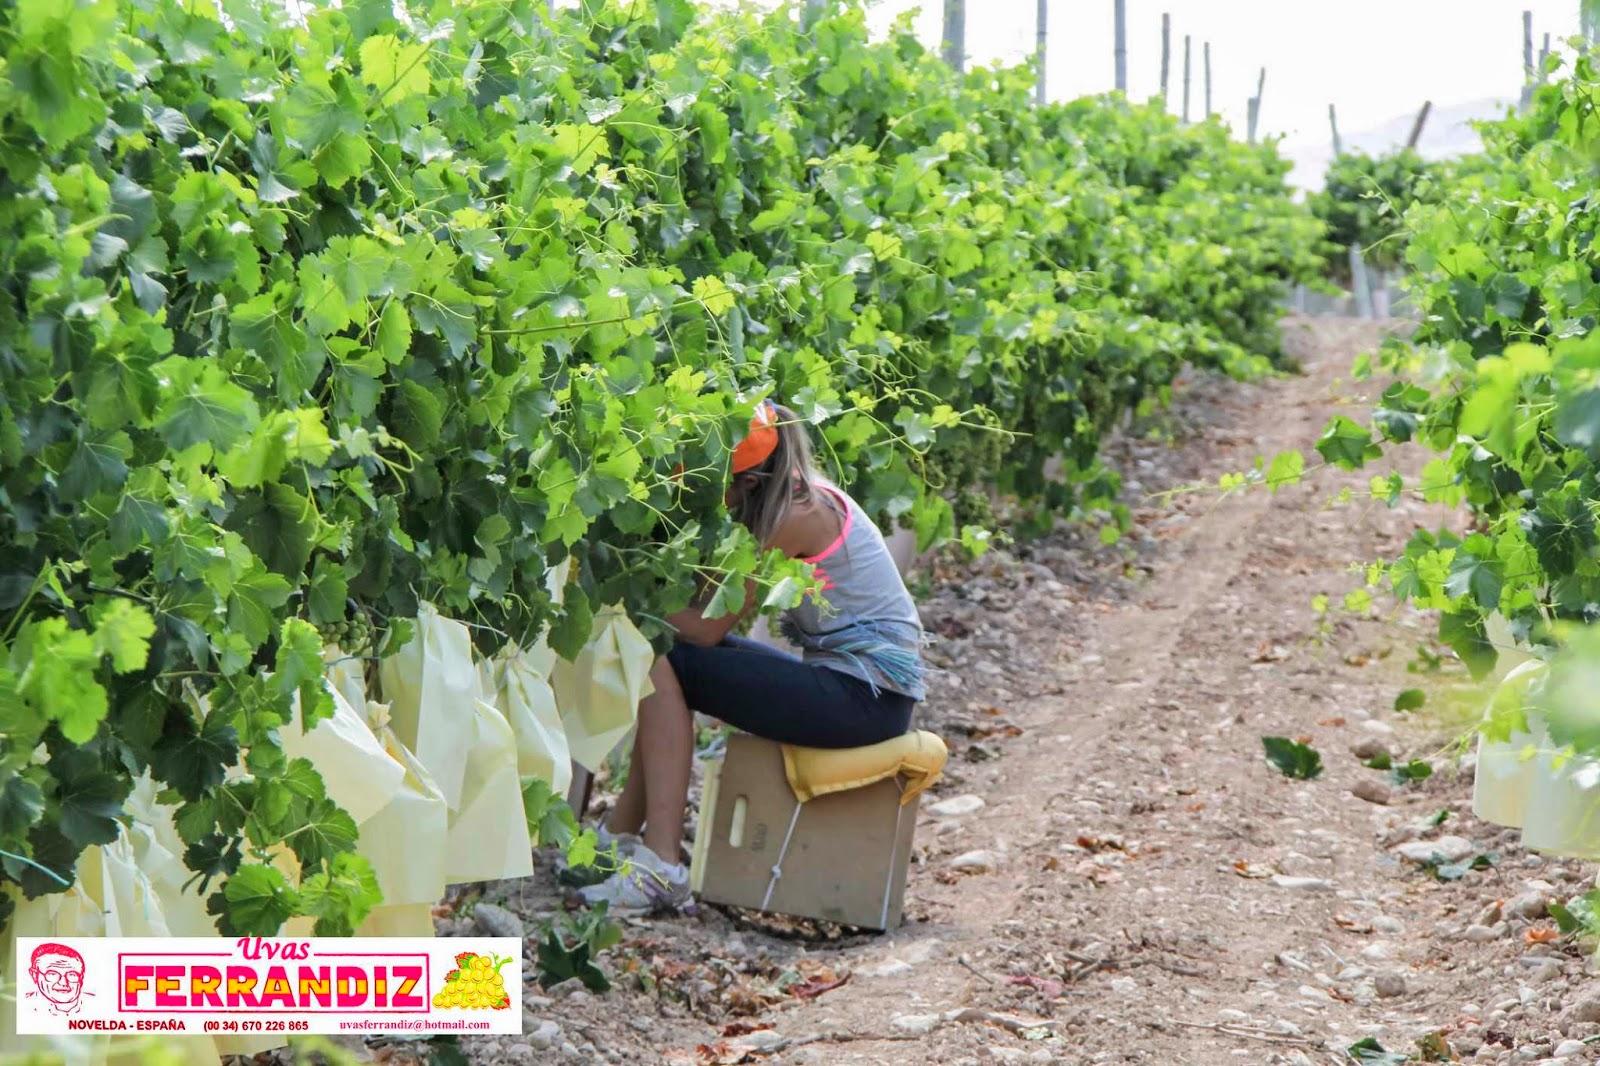 Uvas ferrandiz el embolsado de la uva de mesa - Variedades de uva de mesa ...